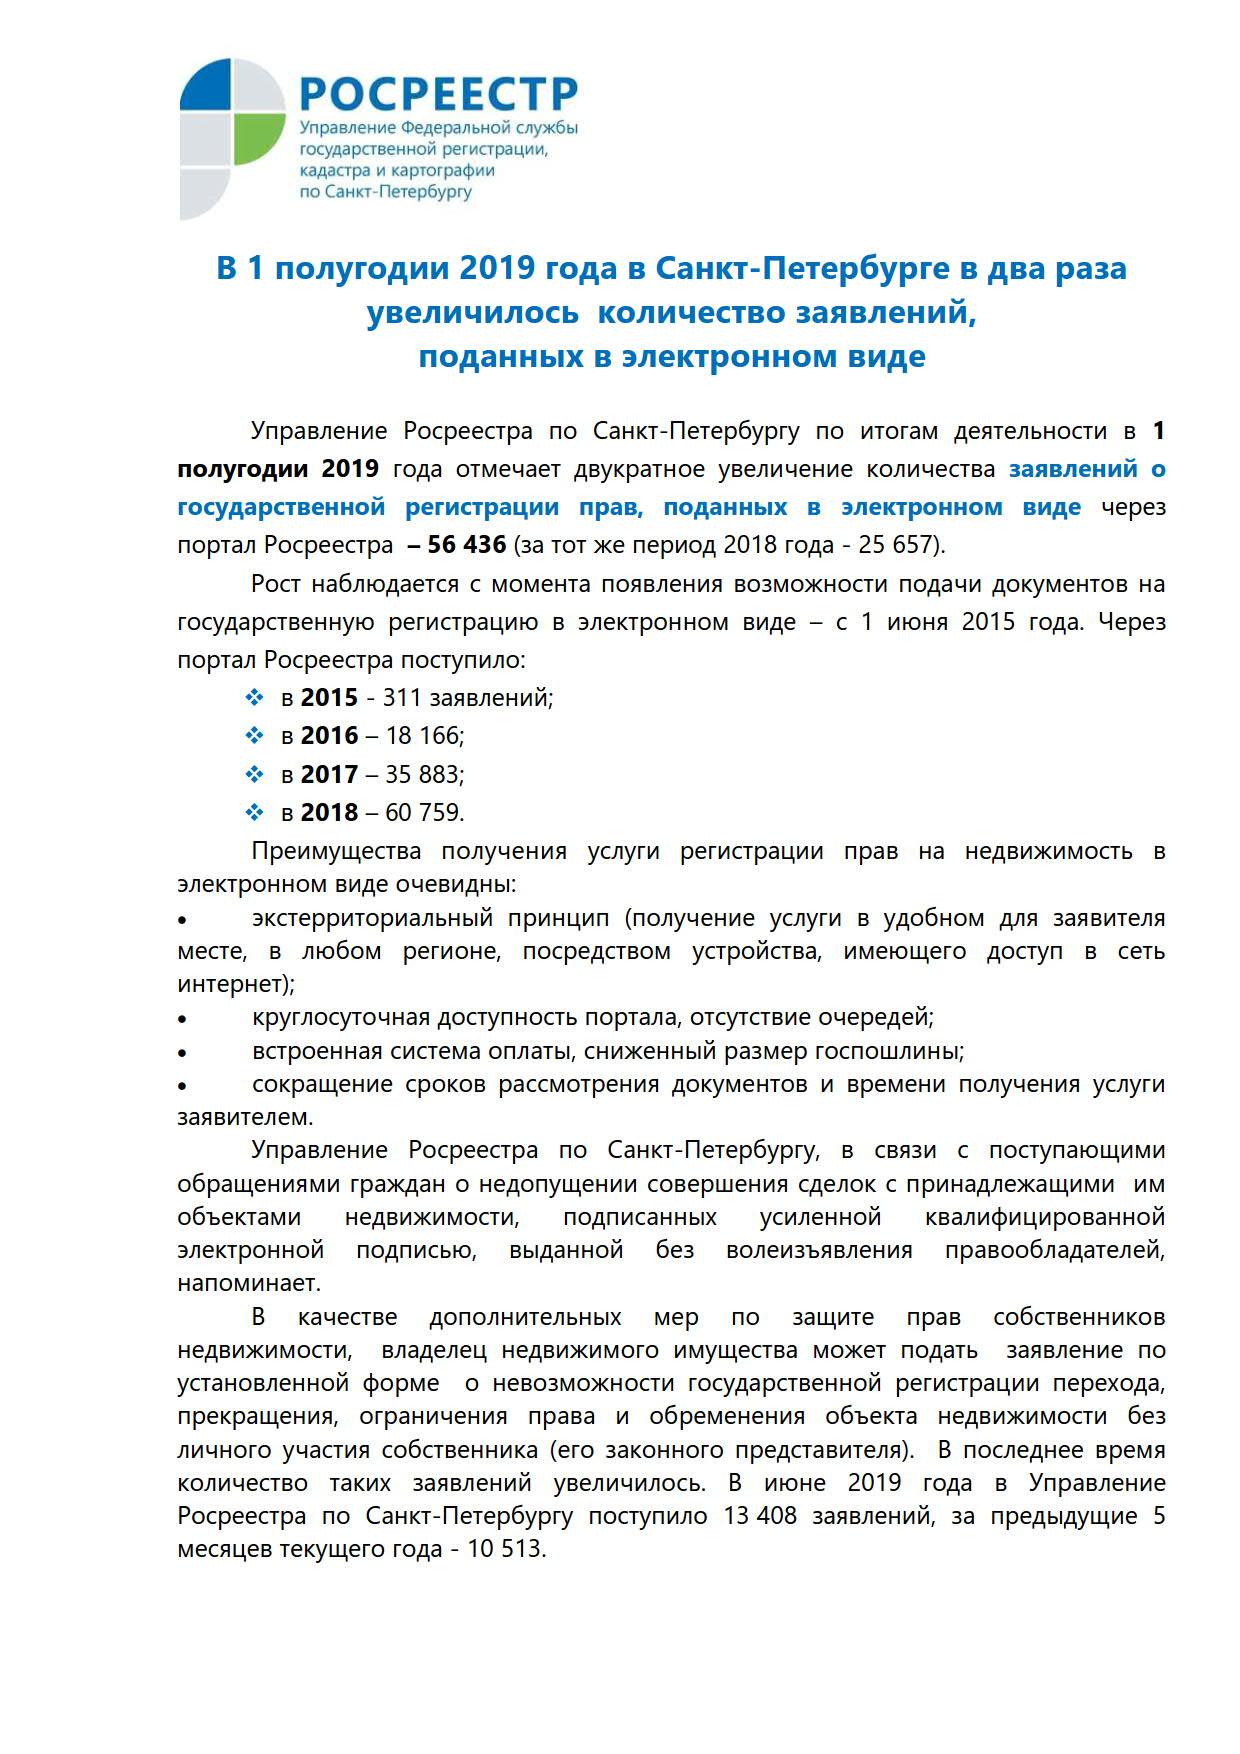 П-р Статистика_электронная регистрация 1 полугодие 2019_1